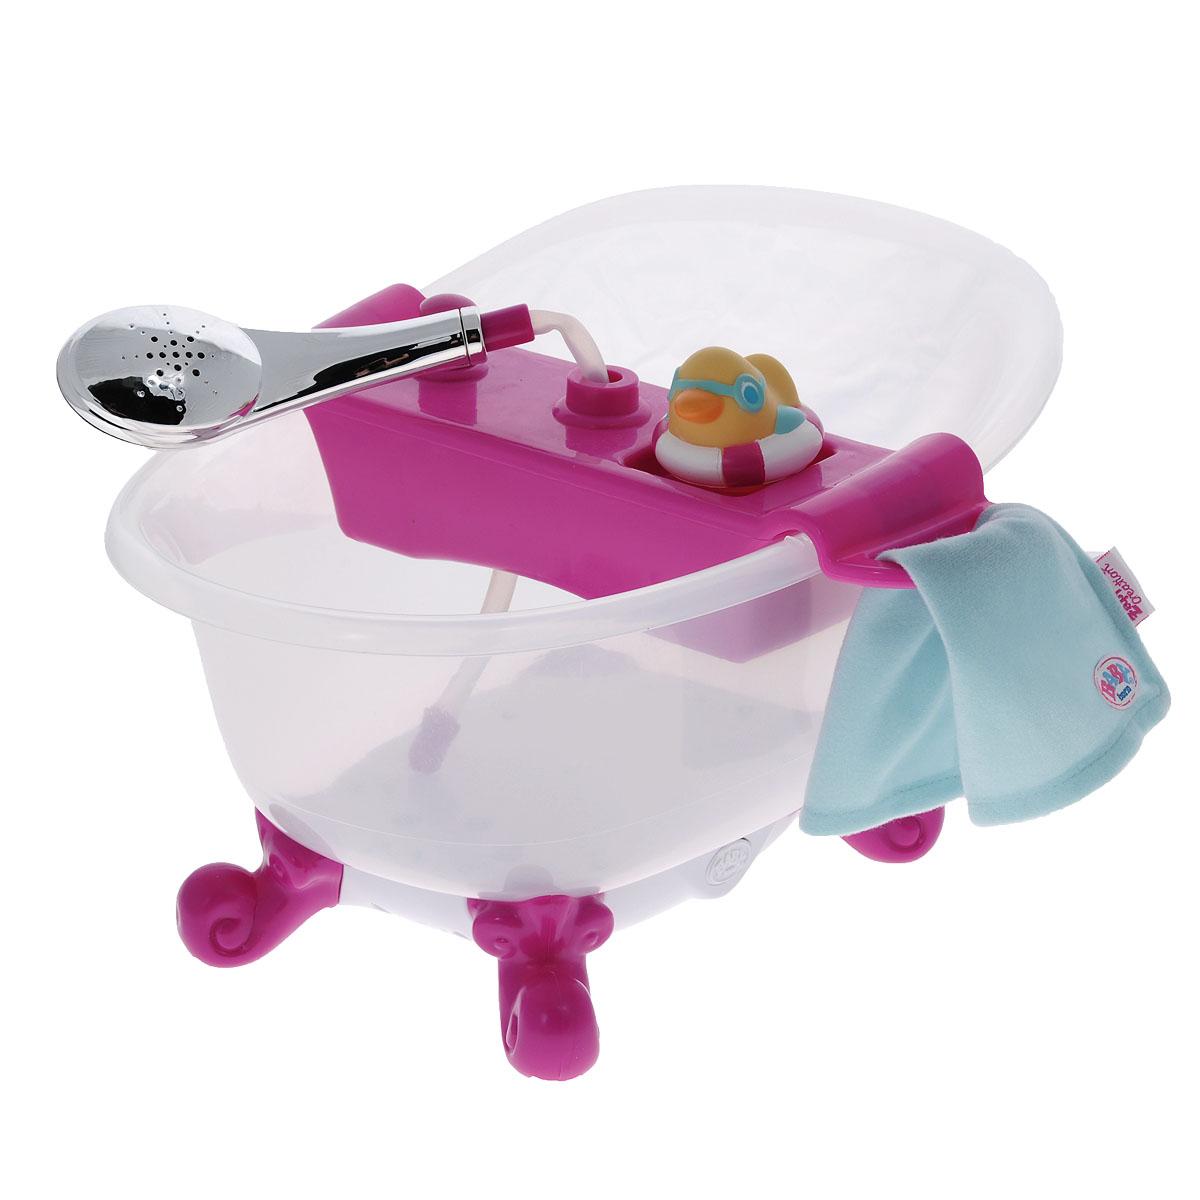 Baby Born Интерактивная игрушка Ванна818-183Интерактивная игрушка Baby Born Ванна, выполненная из безопасного пластика, непременно привлечет внимание вашей малышки. Ванна предназначена для купания кукол Baby Born и выглядит почти как настоящая. В комплект входит полочка с душем, мягкое полотенце для куклы и резиновая уточка для купания. Полочка закрепляется на ванне, при нажатии кнопки вода из ванны начнет поступать в душ. Ванна оснащена удобными ножками, обеспечивающими необходимую устойчивость. В нижней части ванны расположена кнопка, при нажатии на которую включится подсветка, и на дне ванны замигают разноцветные огоньки, а также зазвучит веселый смех и плеск воды. Интерактивная игрушка Baby Born Ванна поможет вашей малышке почувствовать себя мамой, приучающей своего ребенка к гигиене. Порадуйте ее таким замечательным подарком! Рекомендуется докупить 3 батареи типа АА (товар комплектуется демонстрационными).